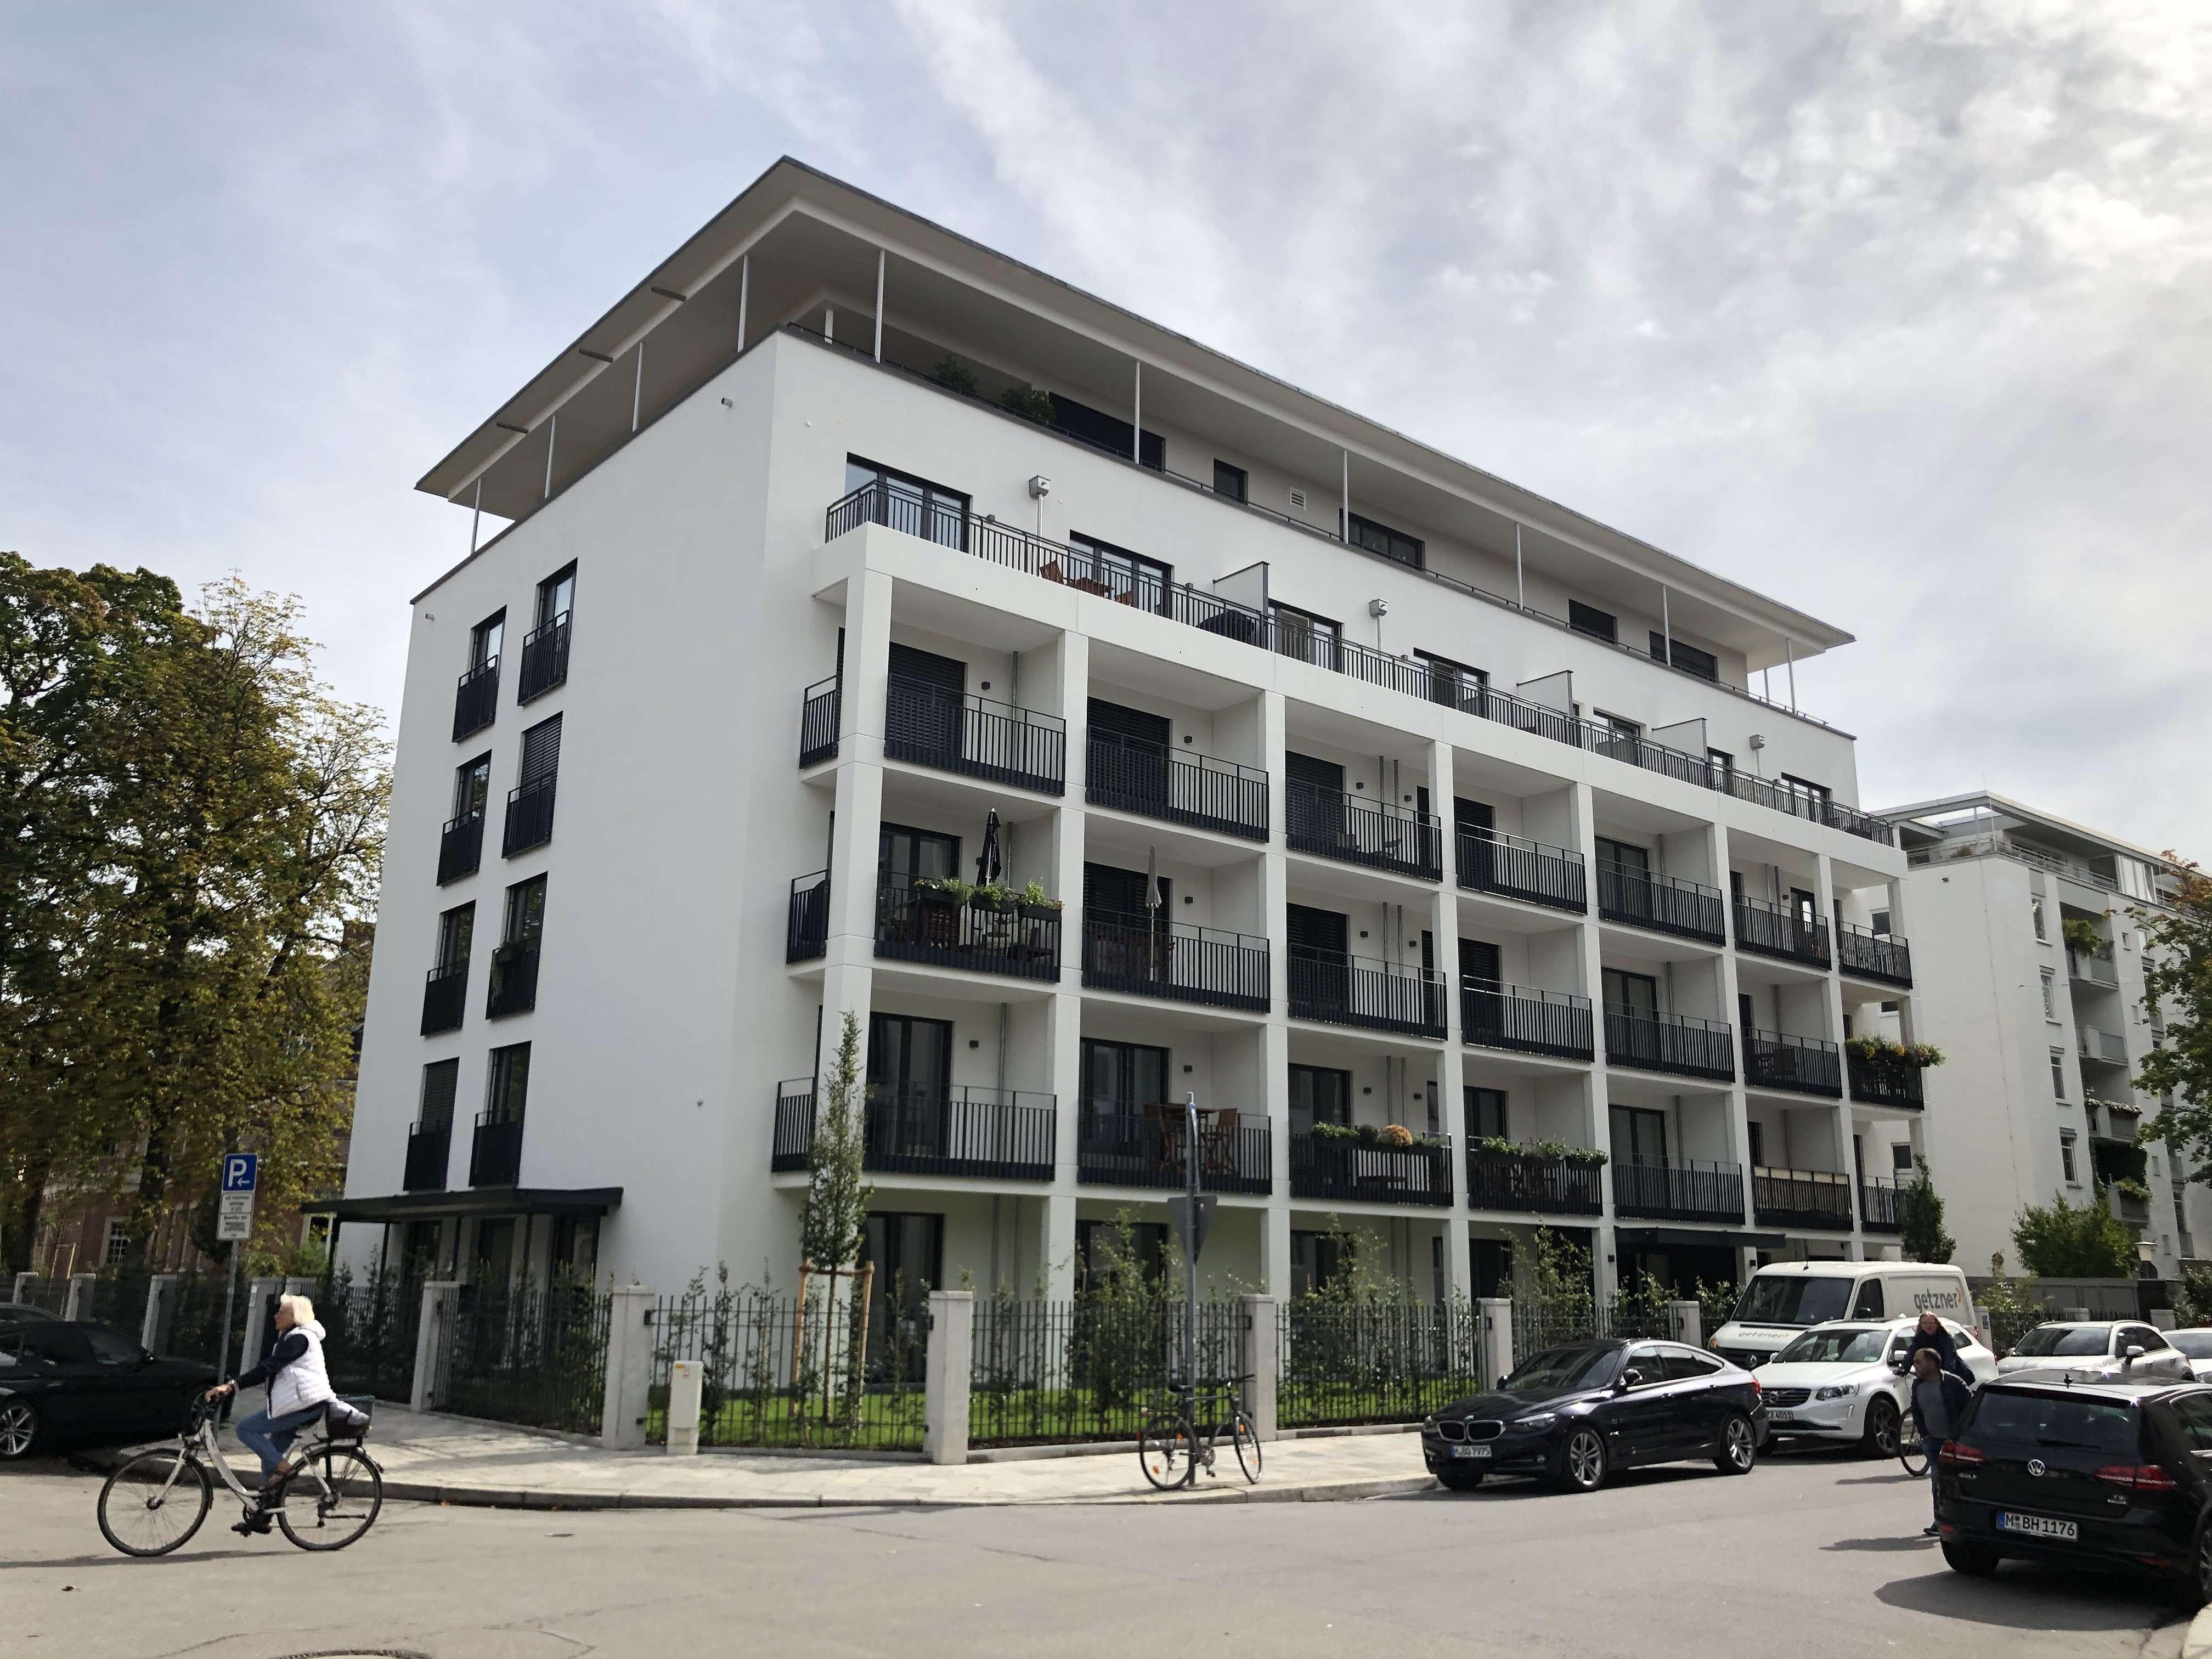 Wohnen in exklusiver Lage am Englischen Garten in Schwabing (München)